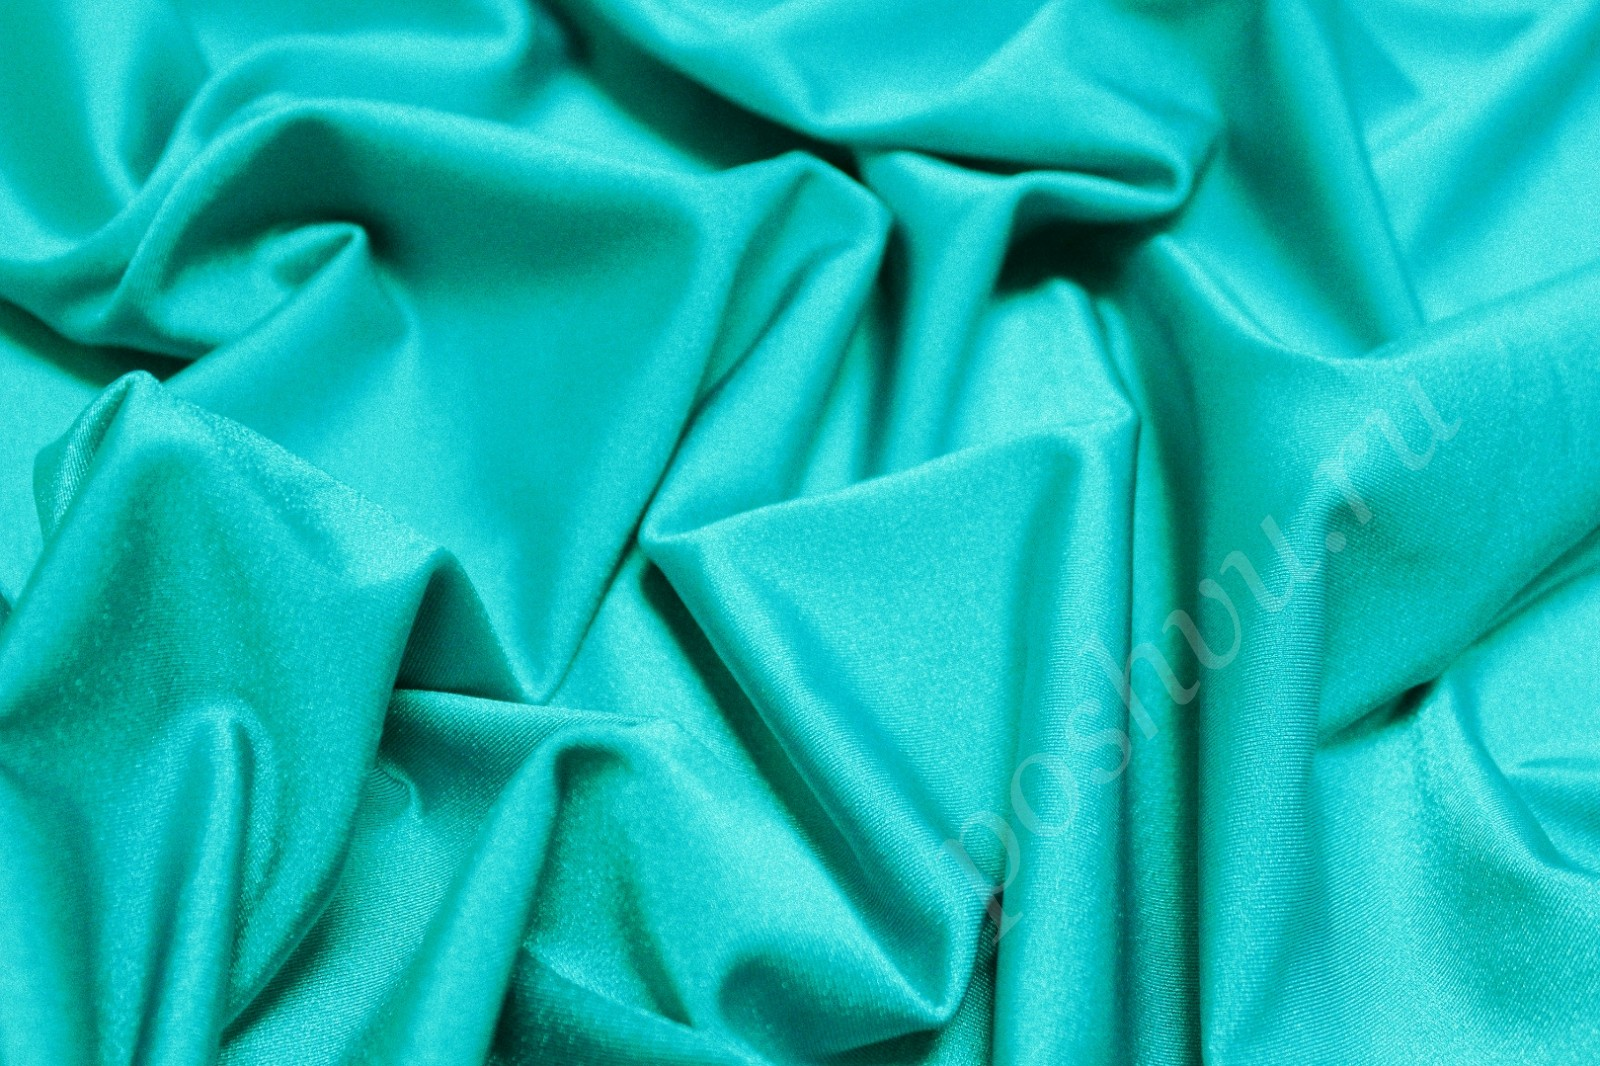 b9ab6eb85f64f Бифлекс плотный бирюзового цвета — купить ткань бифлекс для любого ...